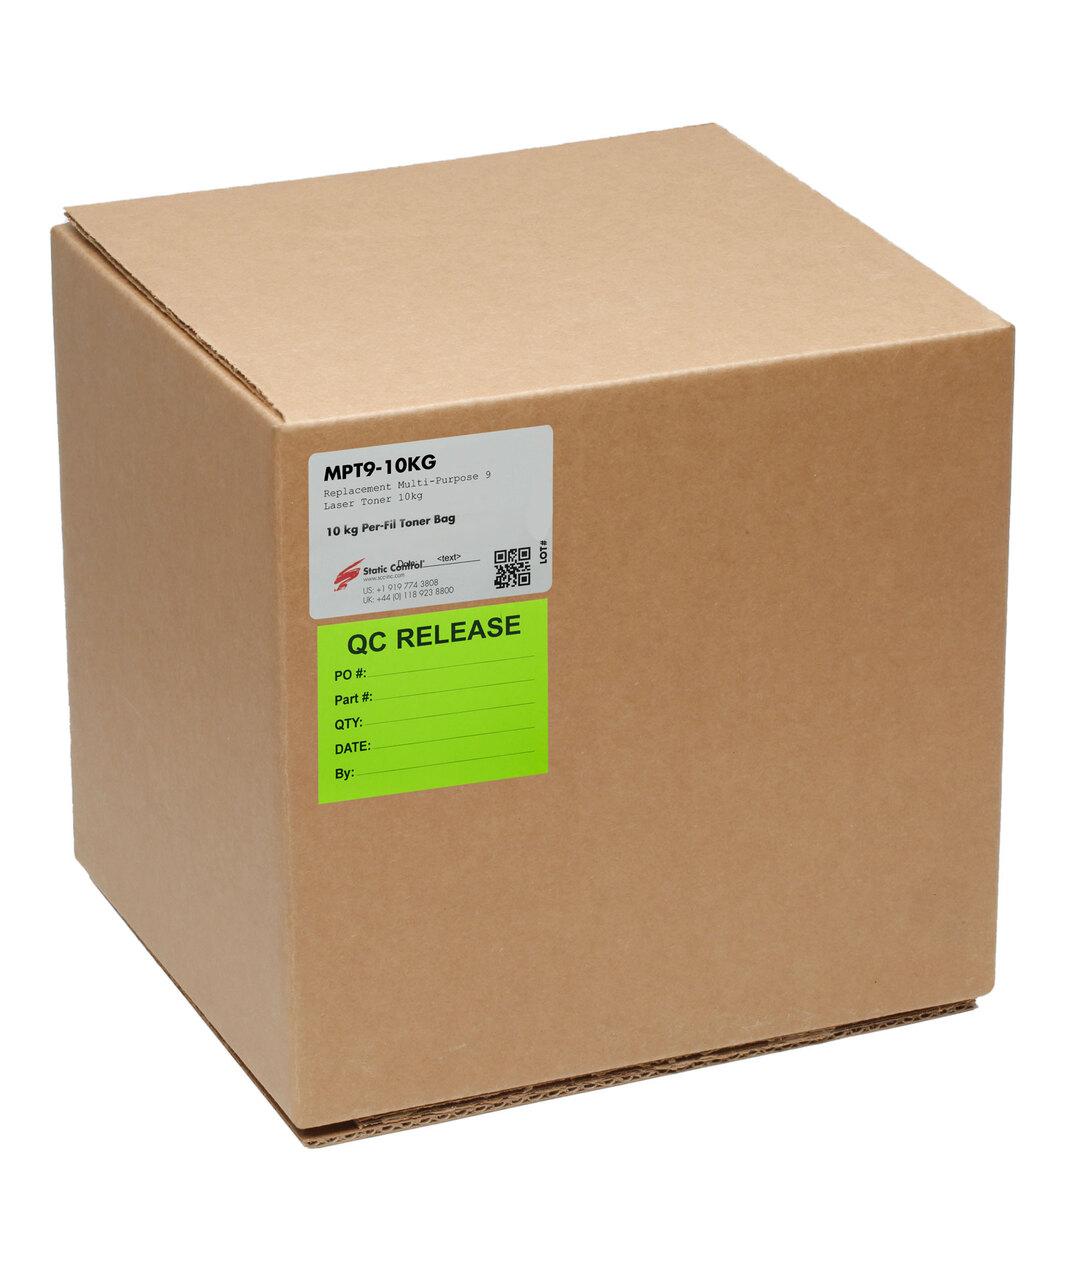 Тонер универсальный HP LJ M425 (SC) 10 кг/пак. MPT9-10KG